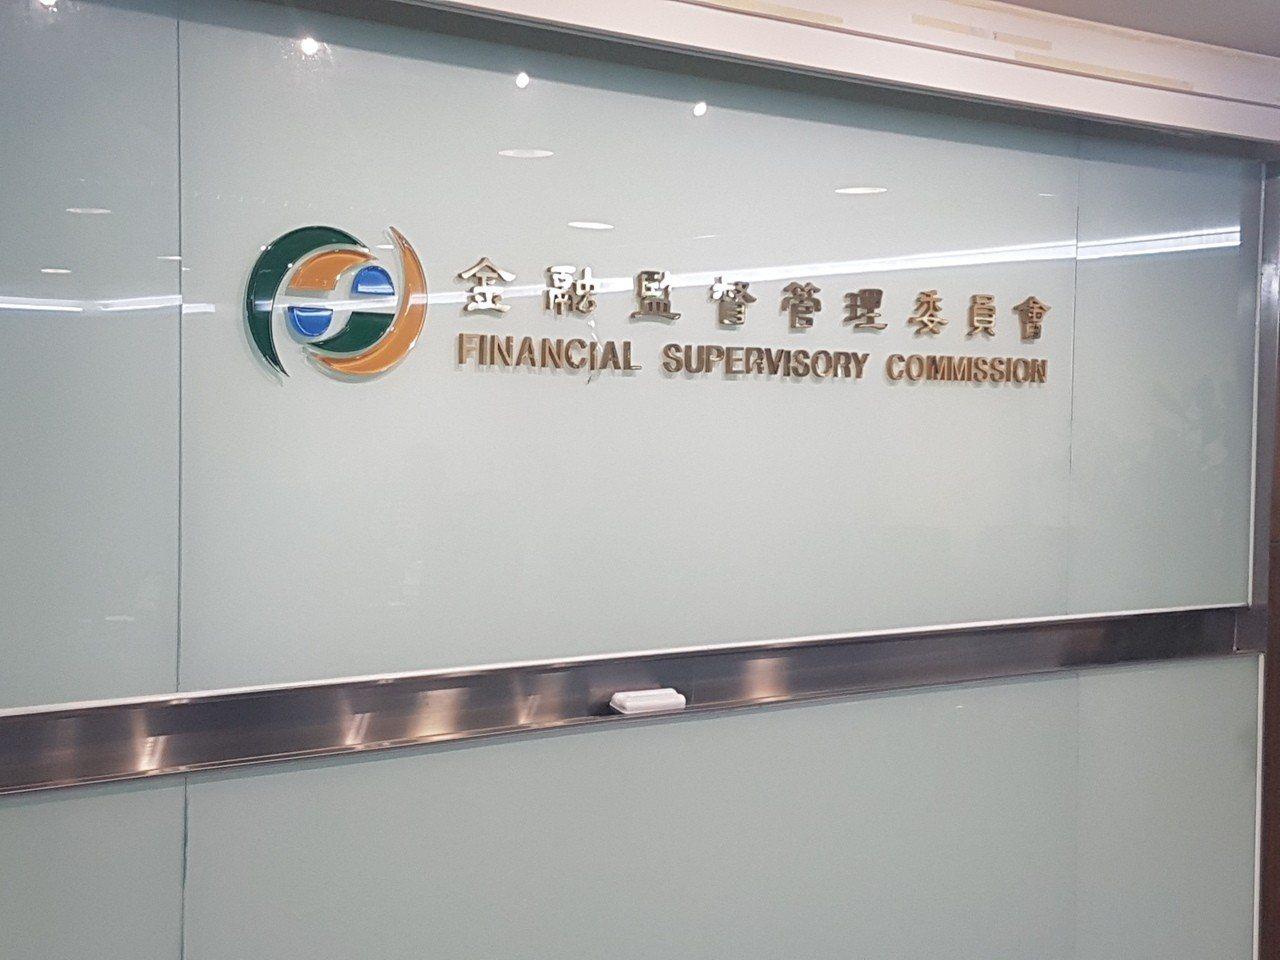 金管會准上海商業儲蓄銀行登陸設據點。 記者孫中英/攝影